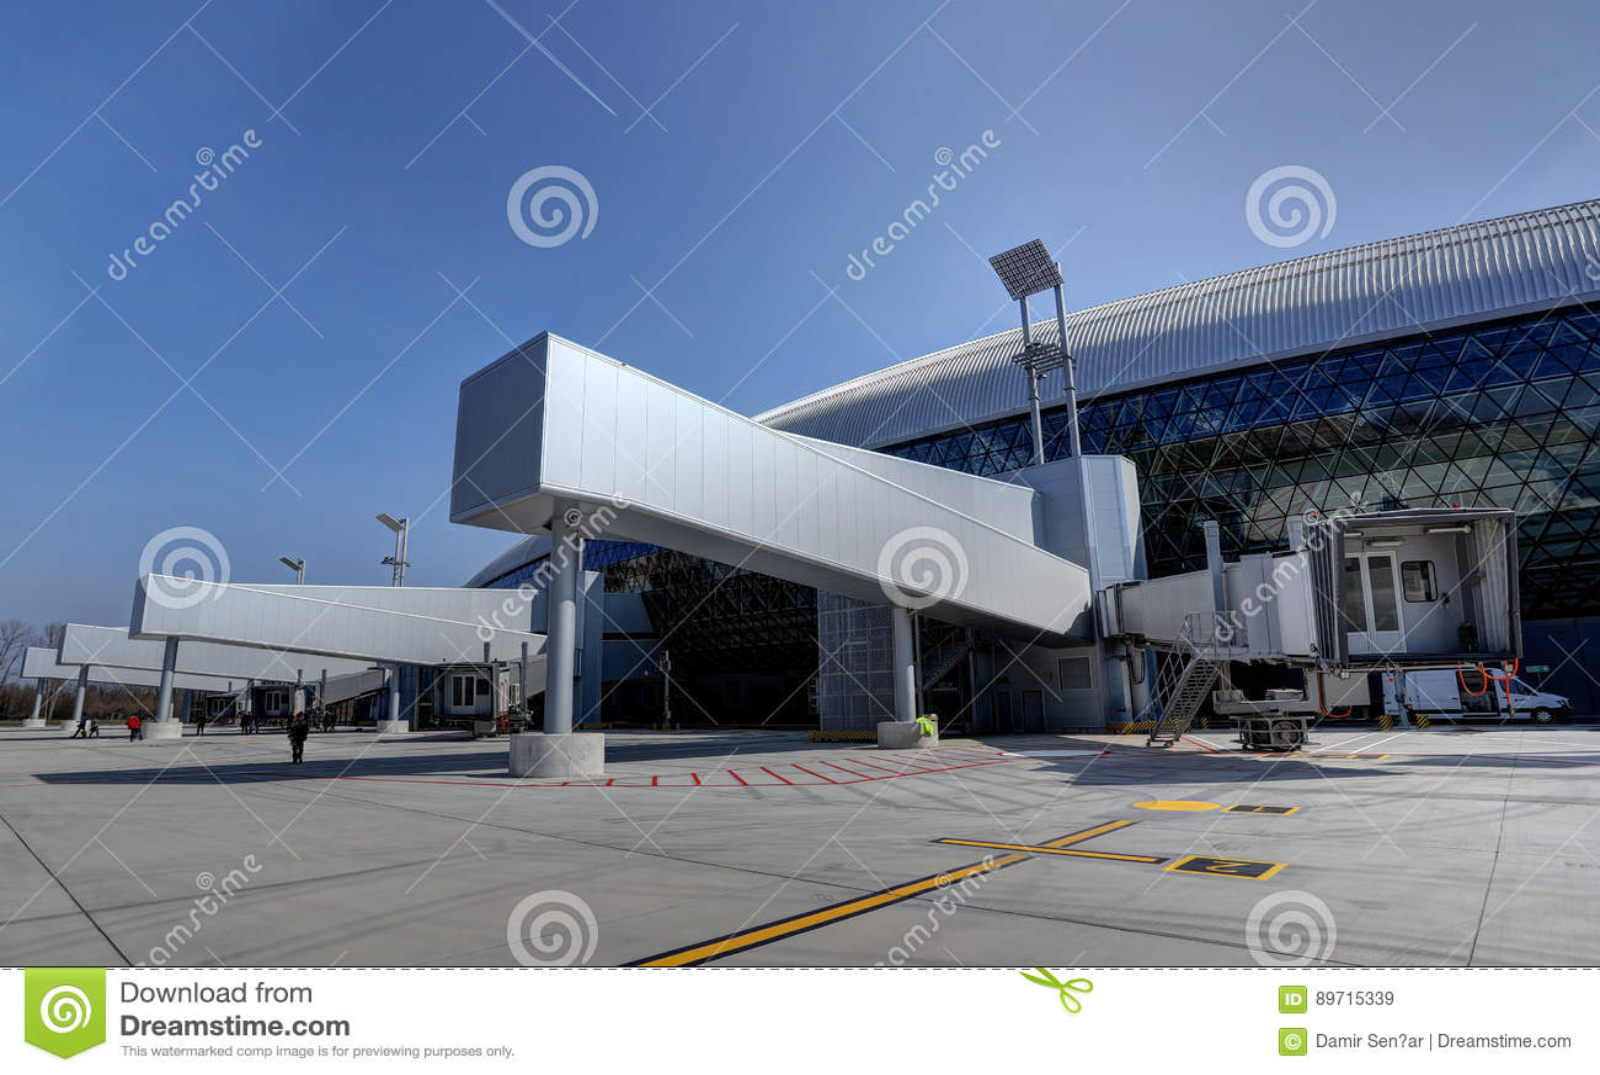 Aeroporto Zagabria : Nuovo terminale dell aeroporto di zagabria immagine stock